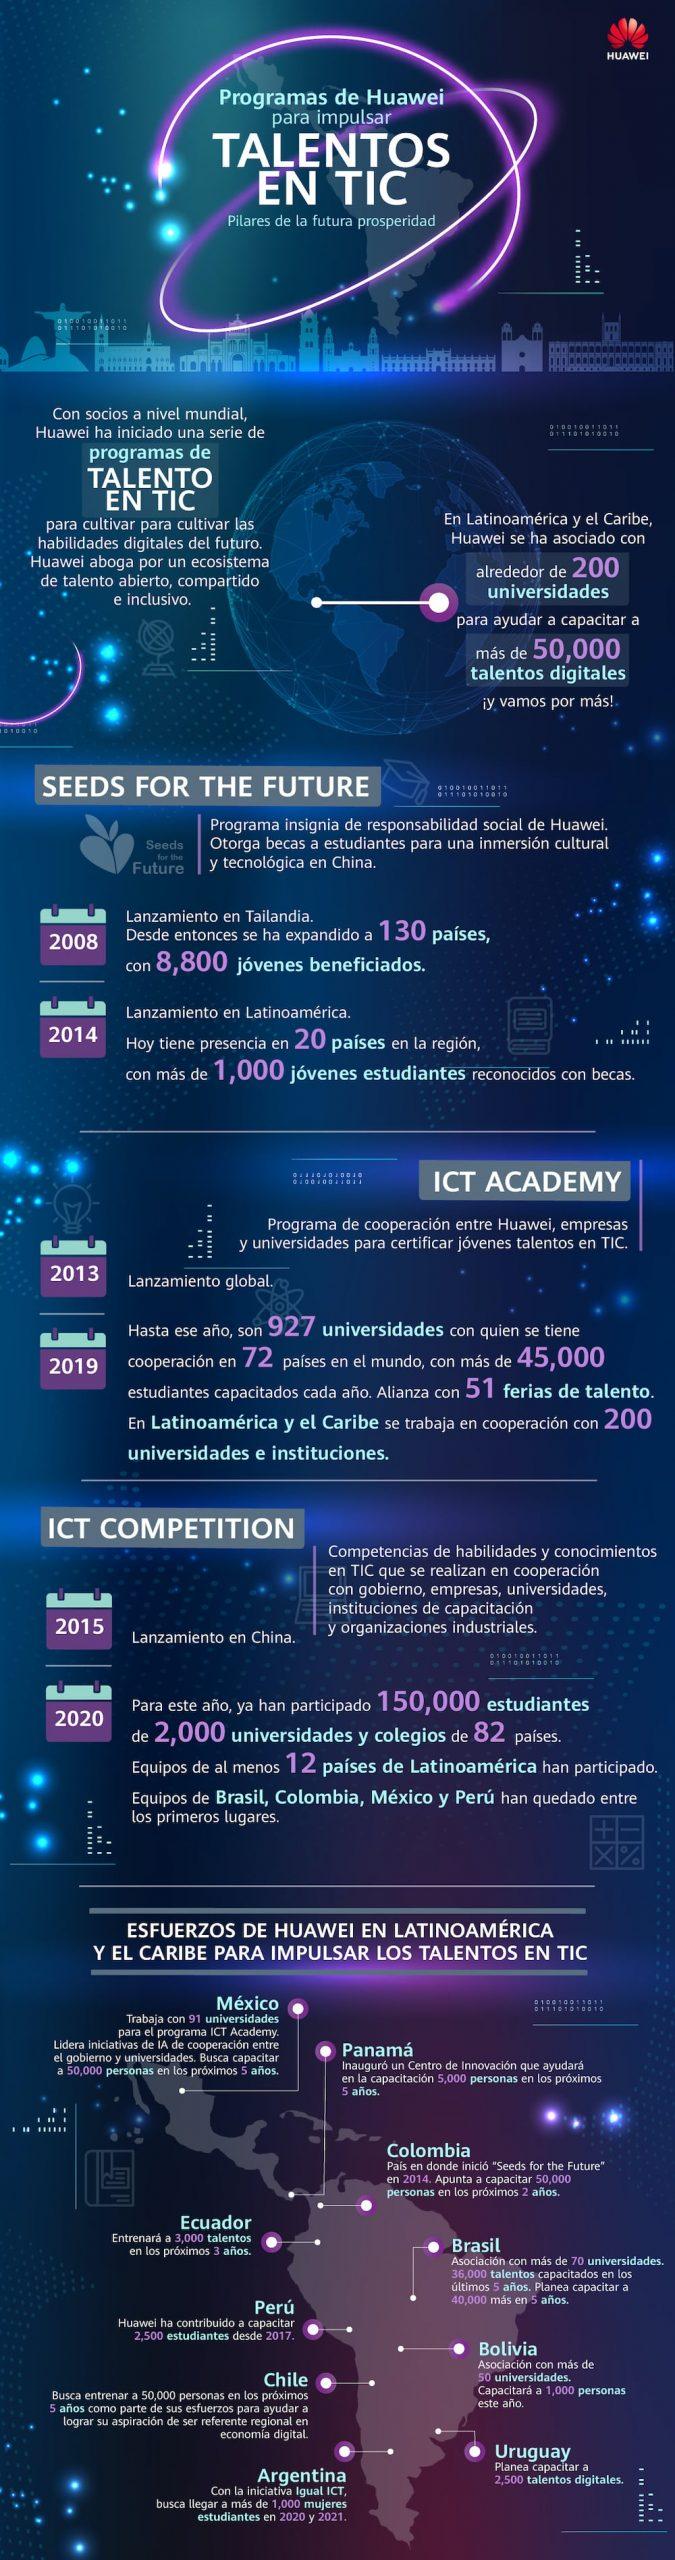 Huawei promueve el desarrollo de talento digital inclusivo en Latinoamérica